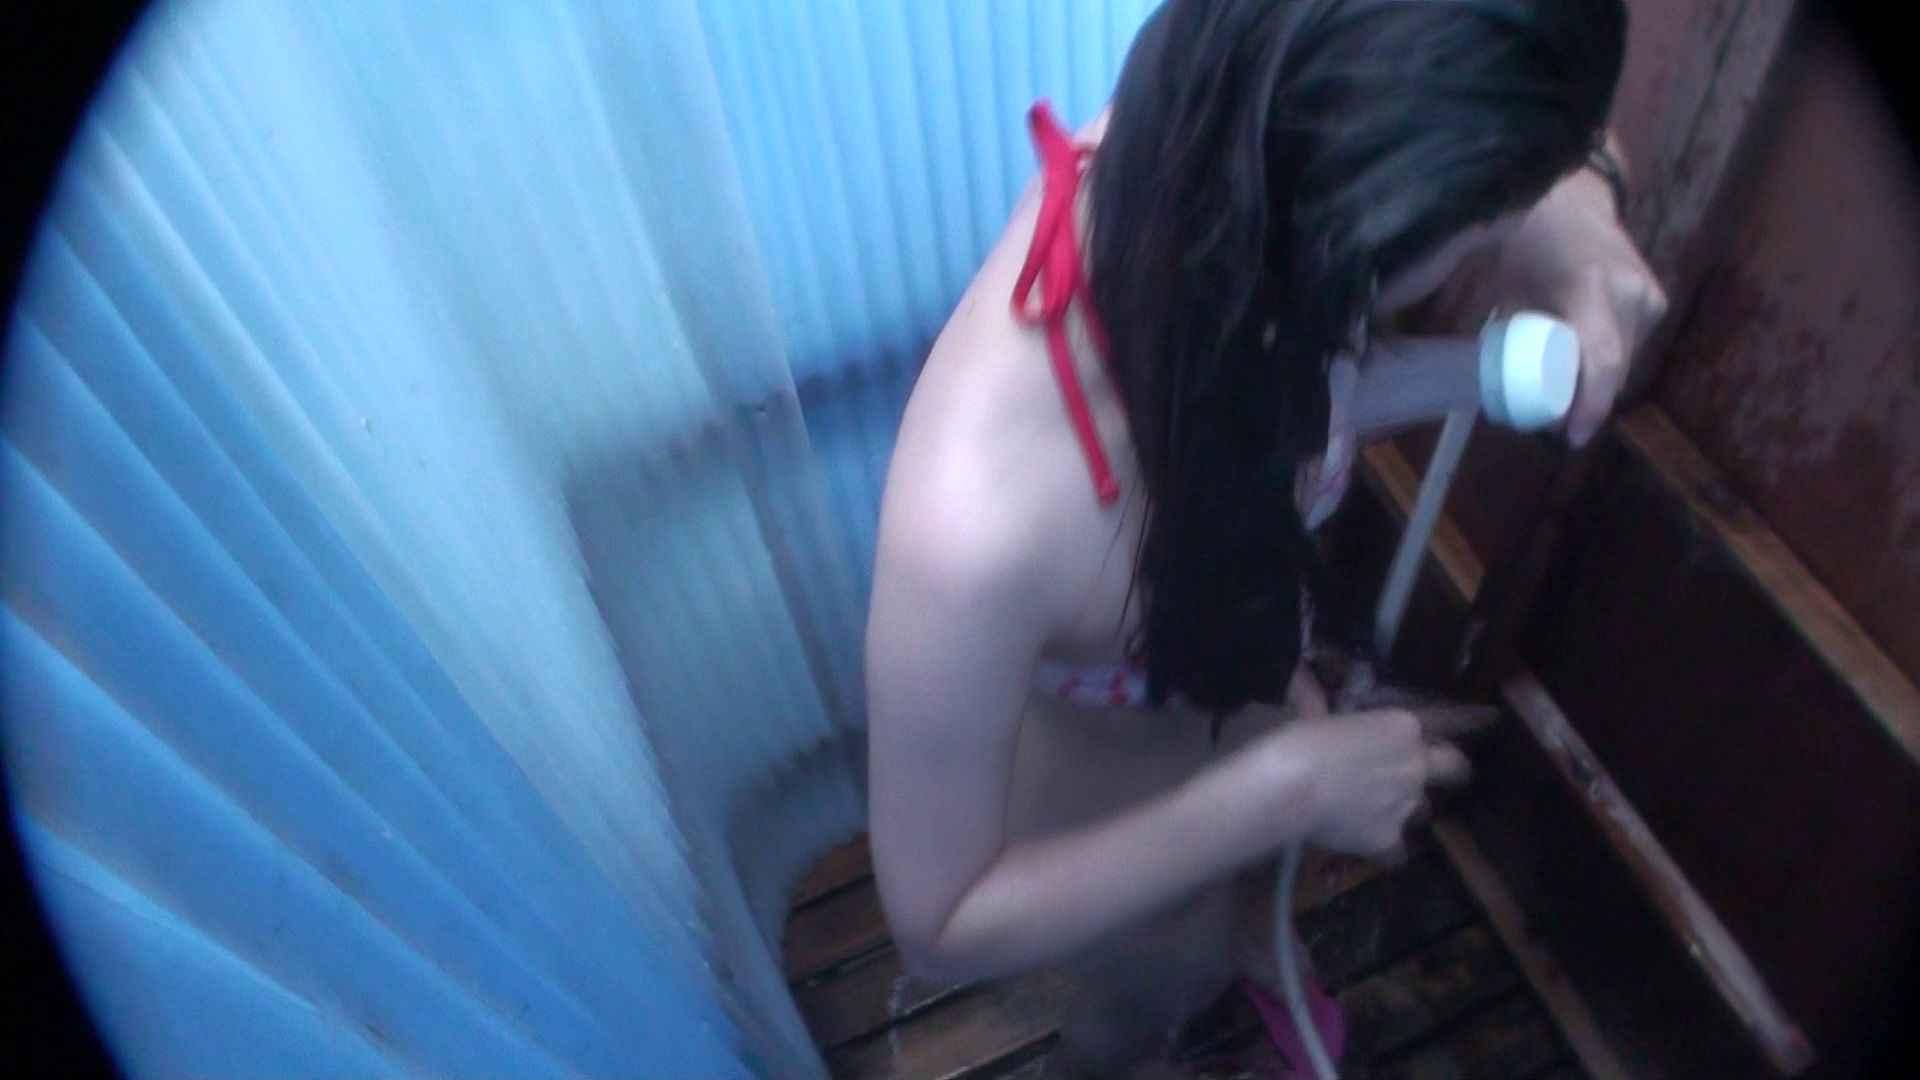 ハイビジョンシャワールームは超!!危険な香りVol.32 オッパイ隠して陰毛隠さず チラ見せ乳輪 OLエロ画像 盗撮ヌード画像 30PICs 2